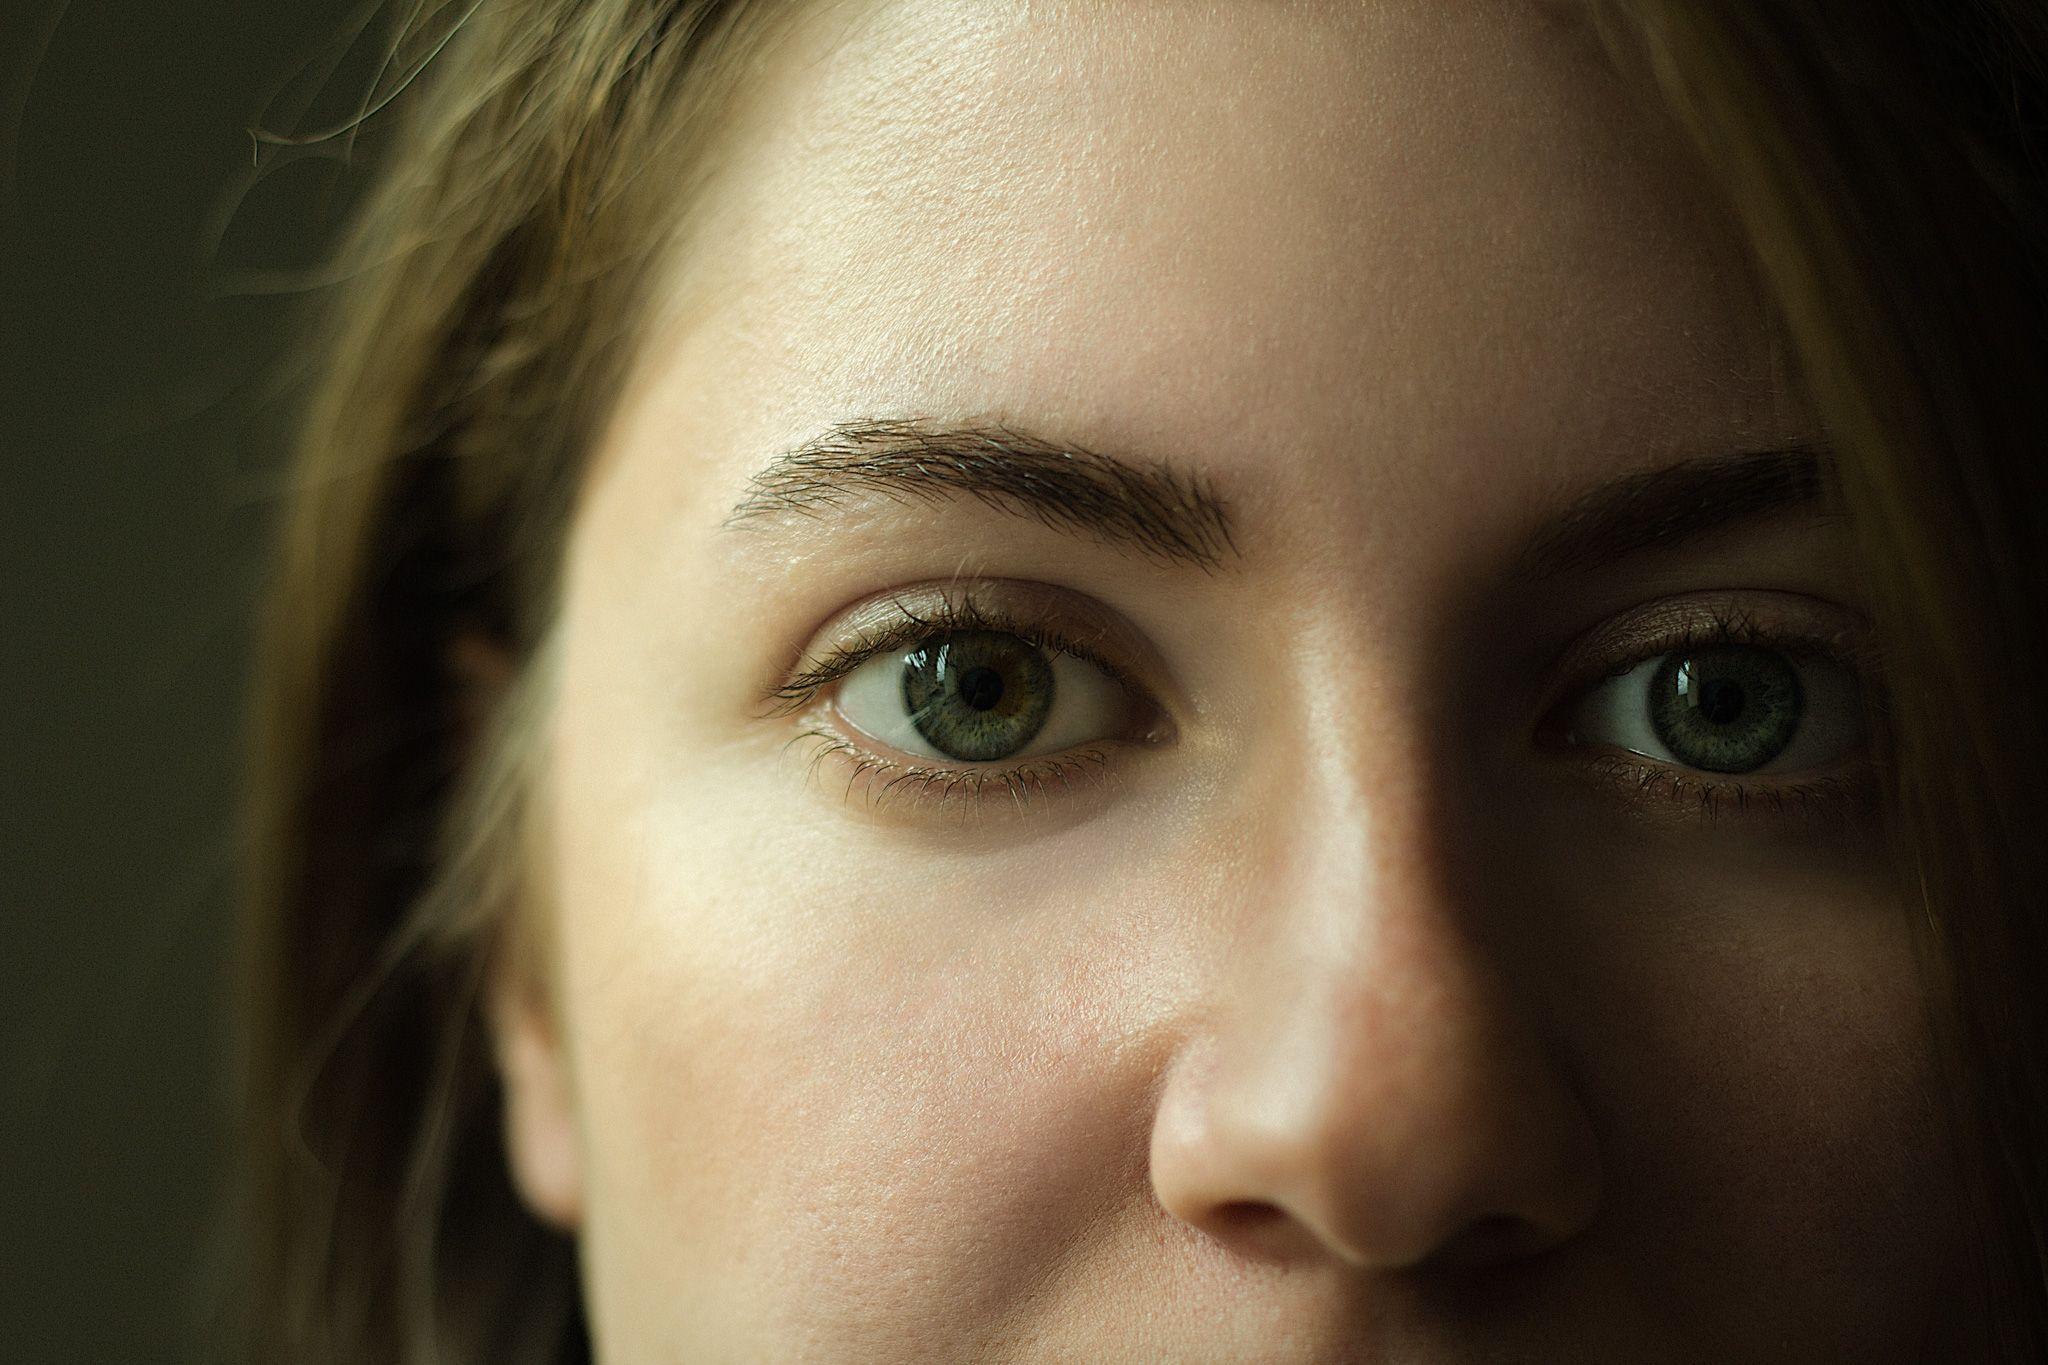 Portrait by Ekin Can Bayrakdar